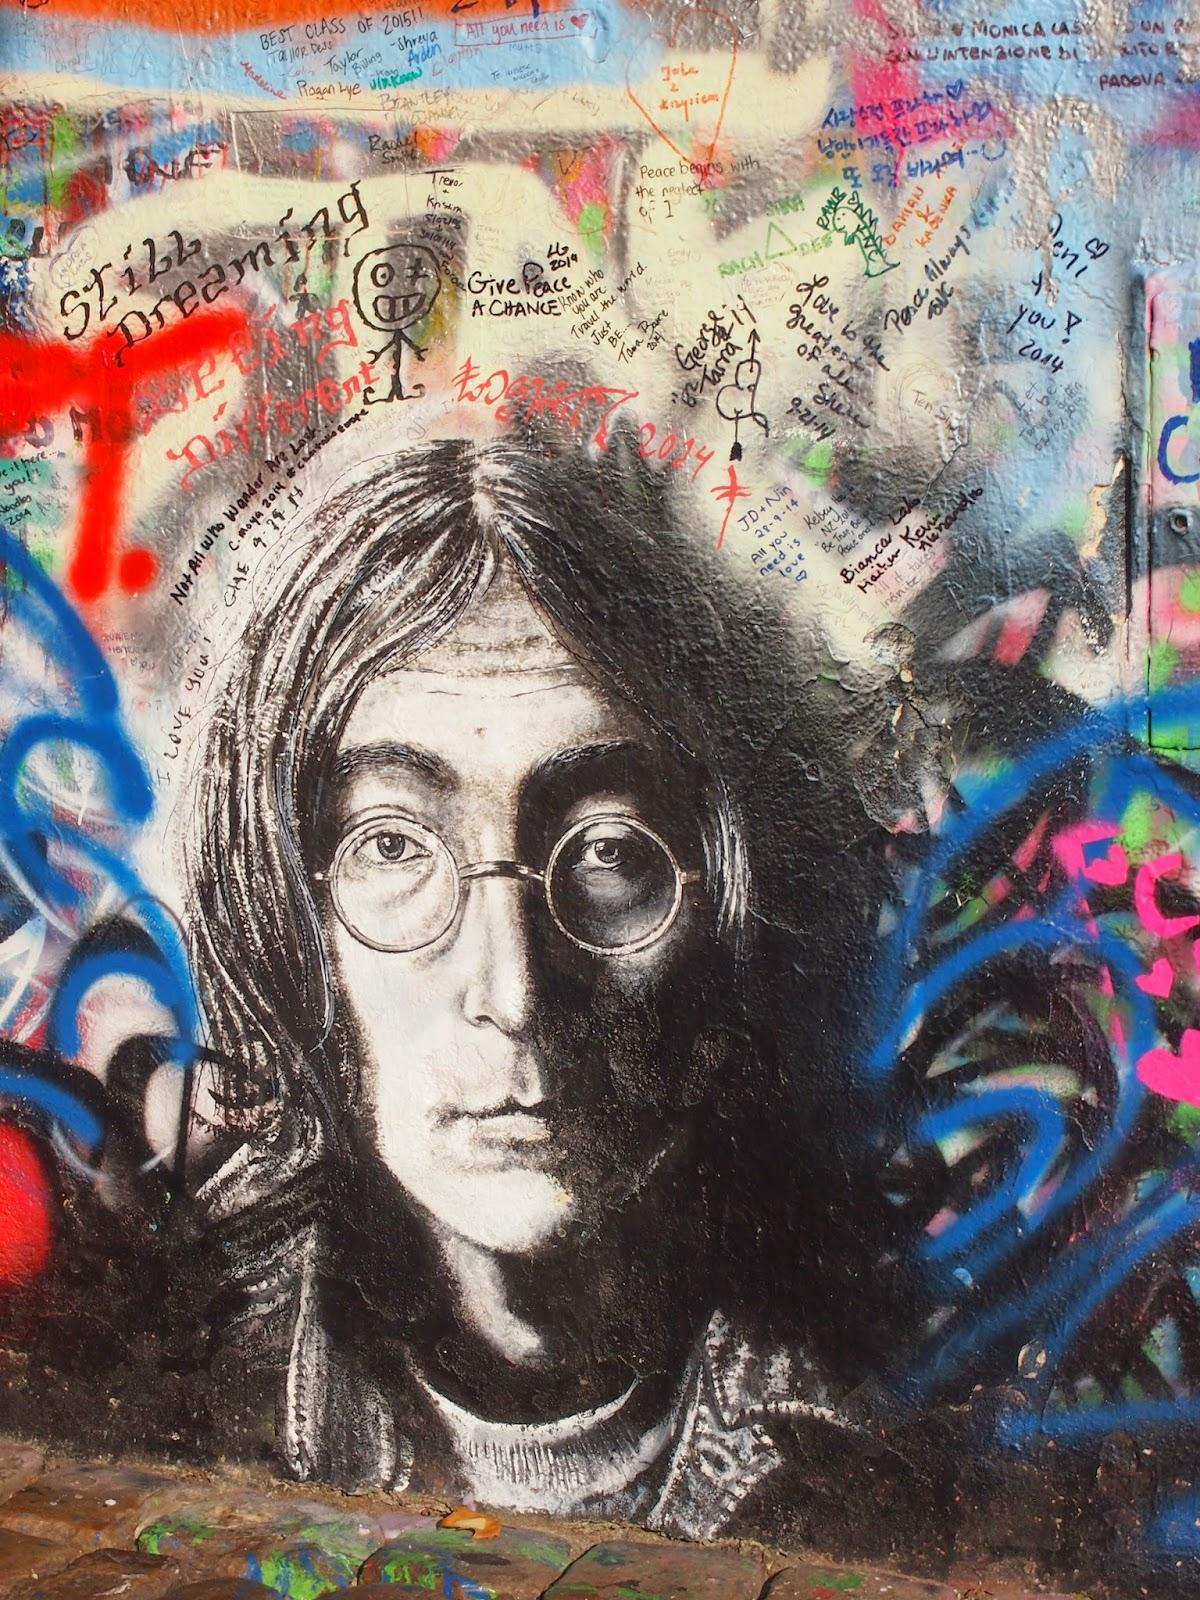 John Lennon's portrait at the Lennon Wall in Prague